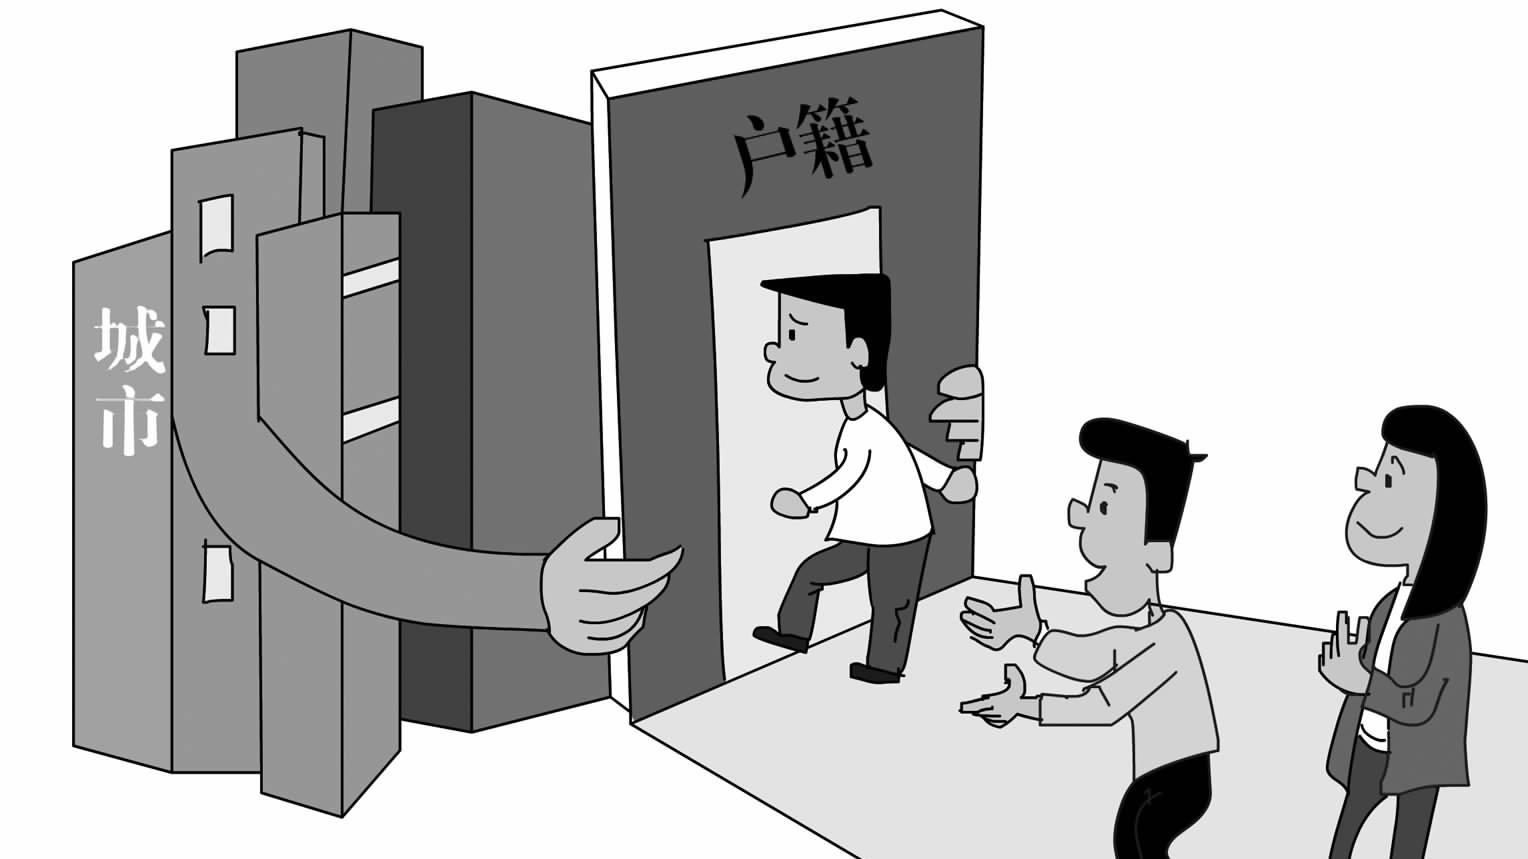 广州推新一轮户籍改革